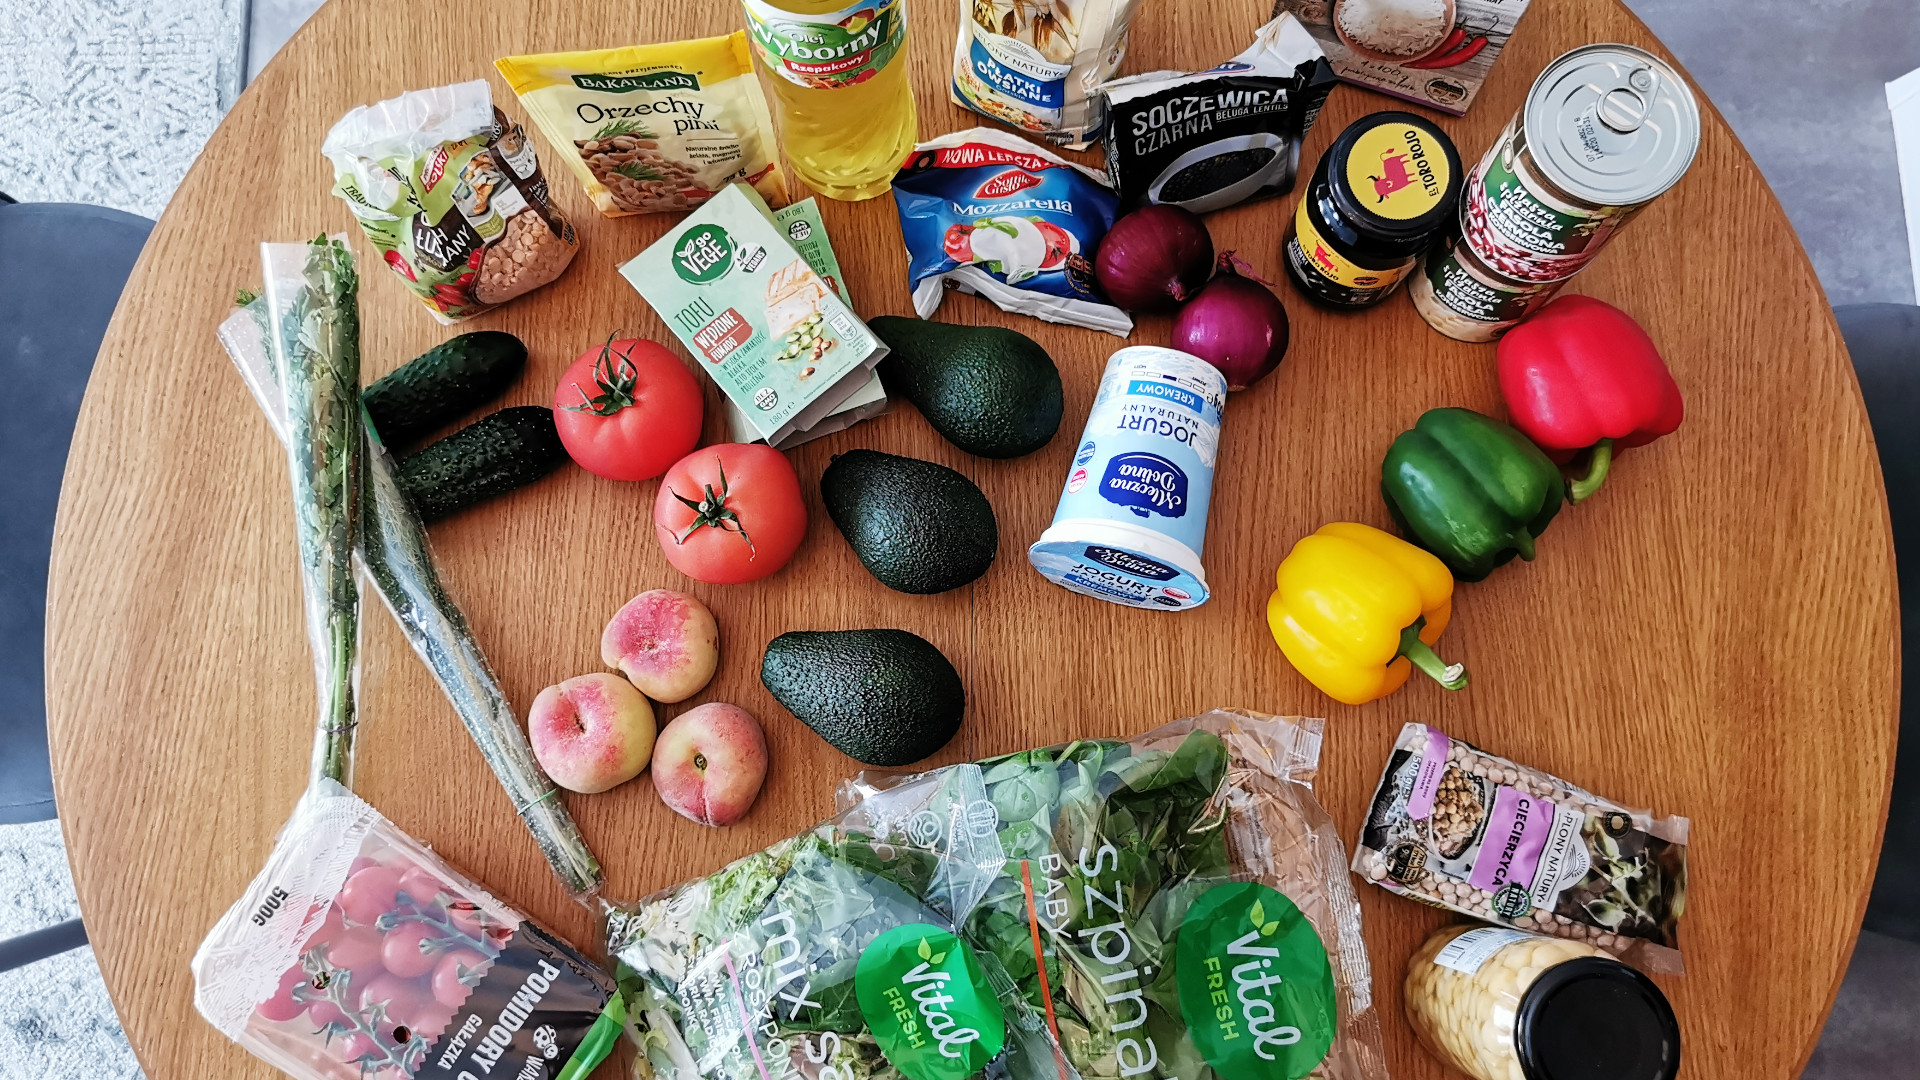 Lista 100 produktów polecanych dla cukrzyka